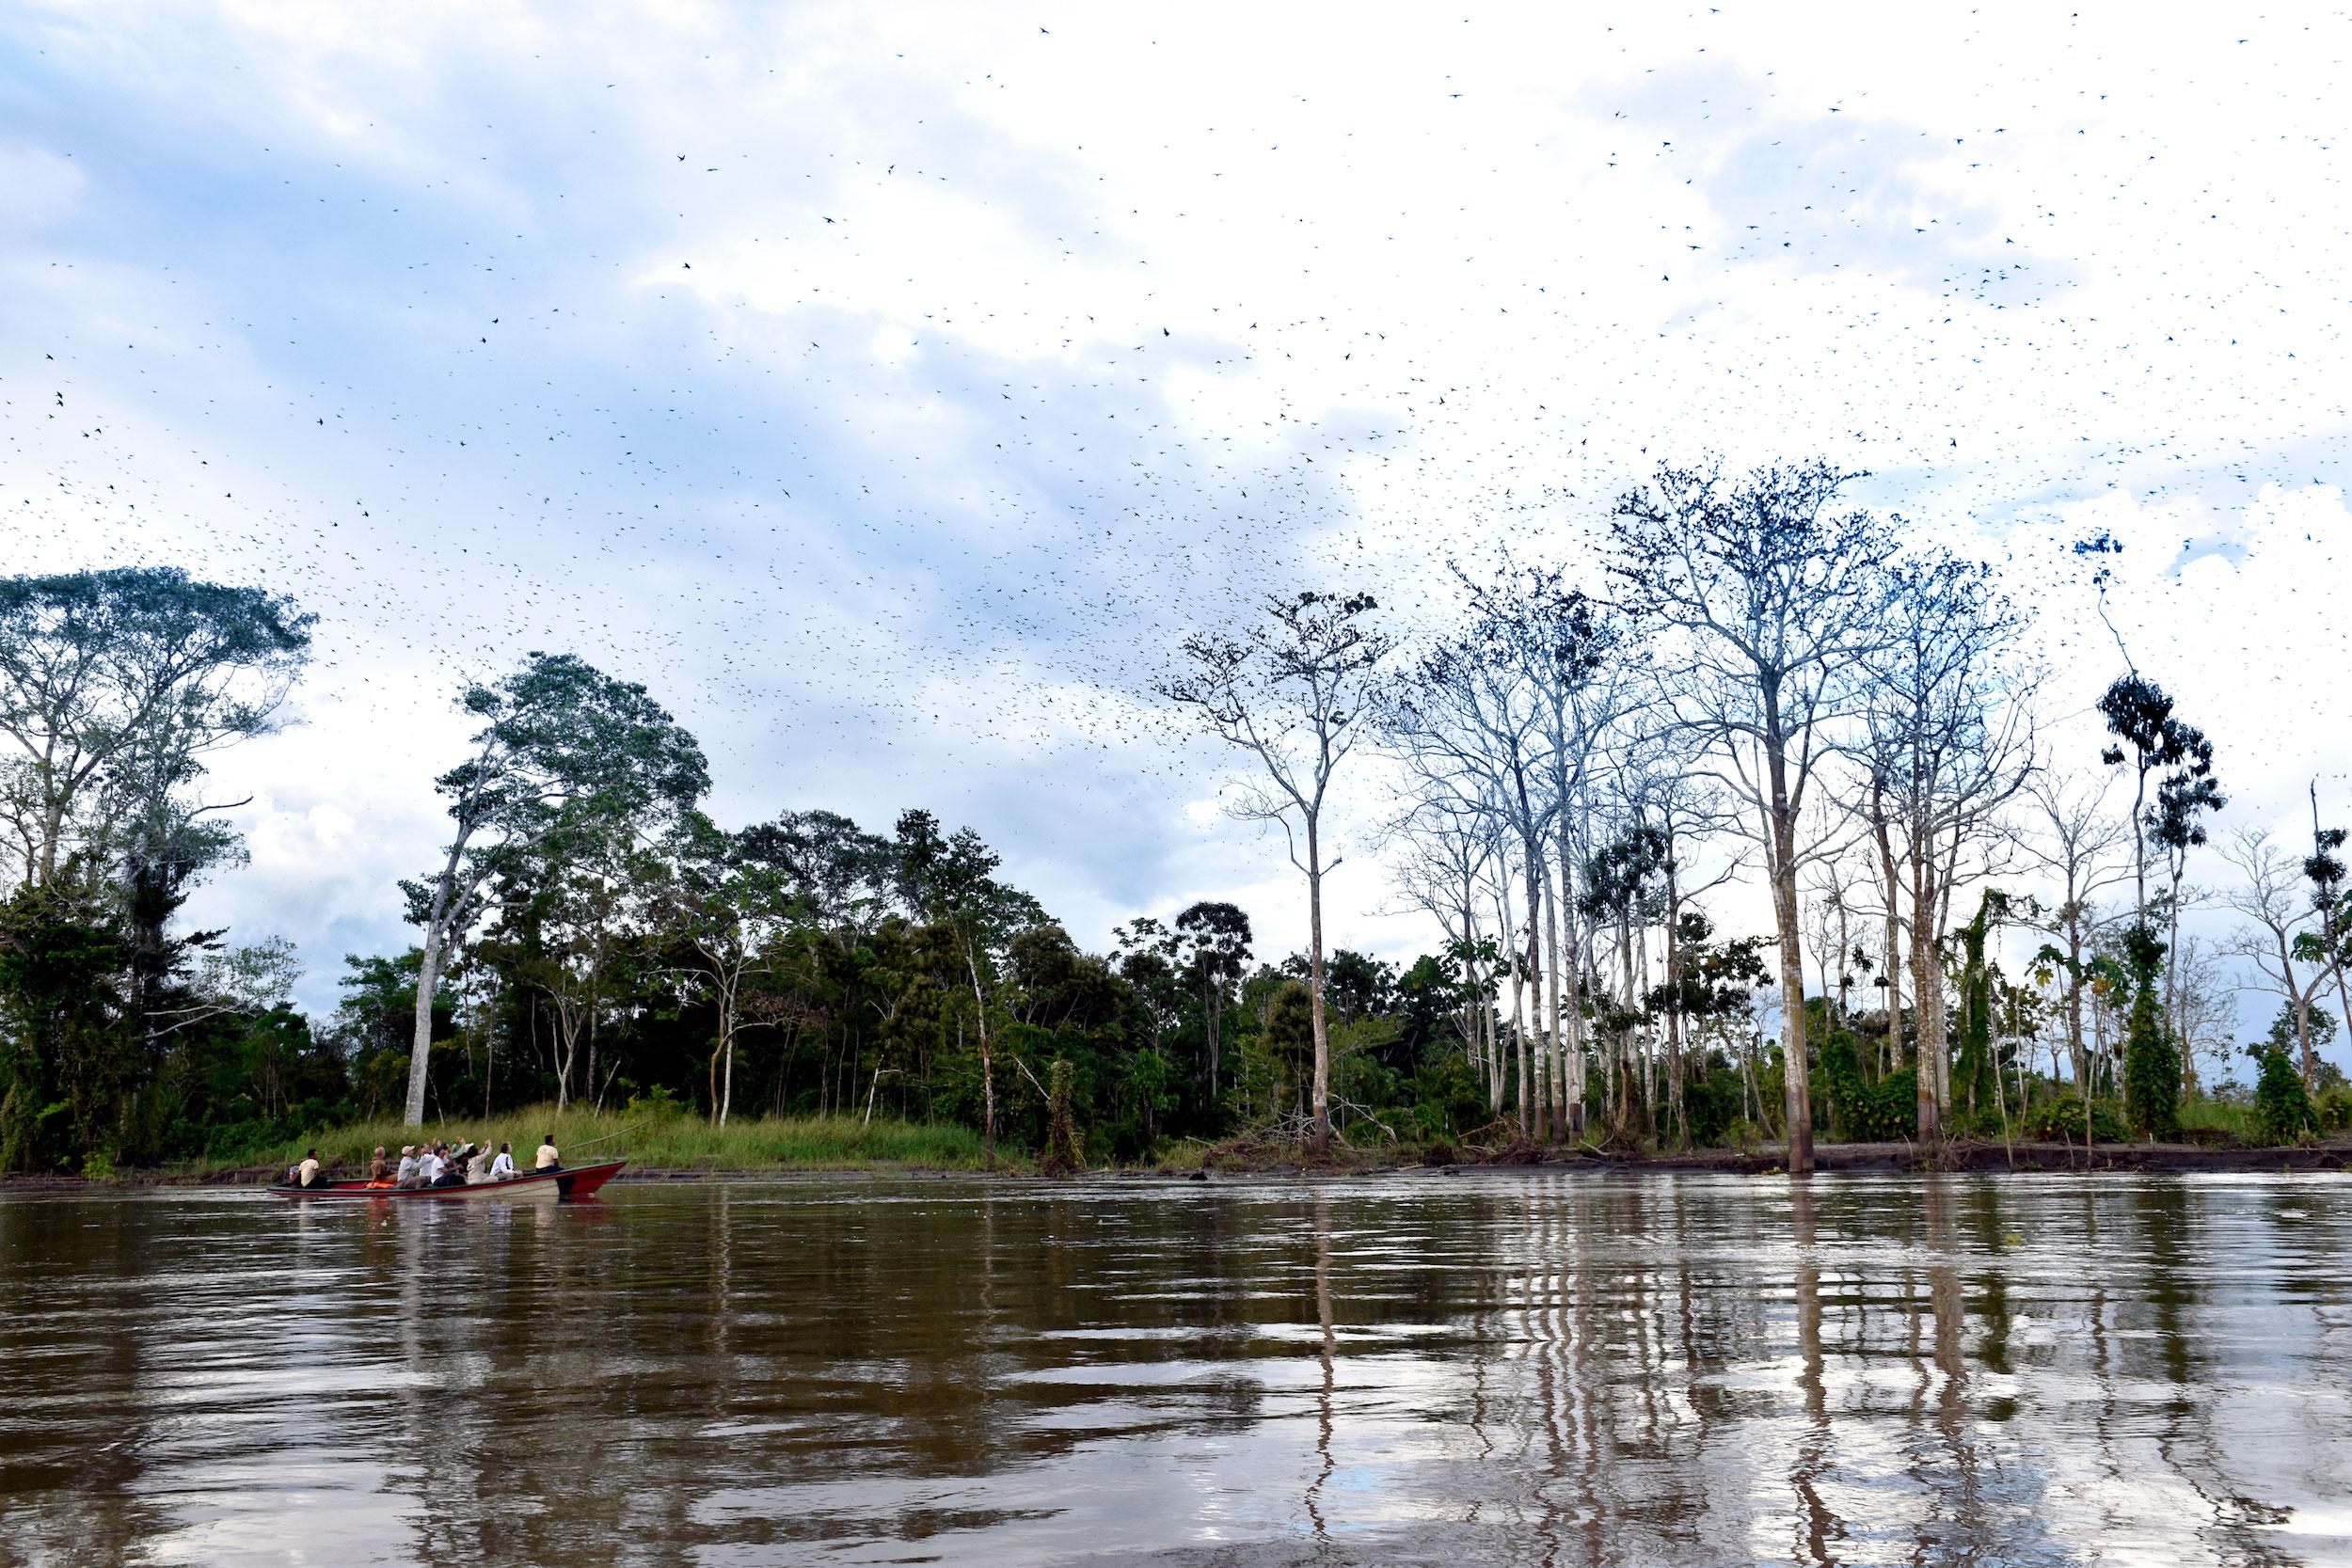 Patrimonio Natural del Perú es un nuevo mecanismo de financiamiento para lograr la sostenibilidad de 38 zonas reservadas en los próximos 10 años con una inversión de 140 millones de dólares. Foto: Jeffrey Dávila / WWF Perú